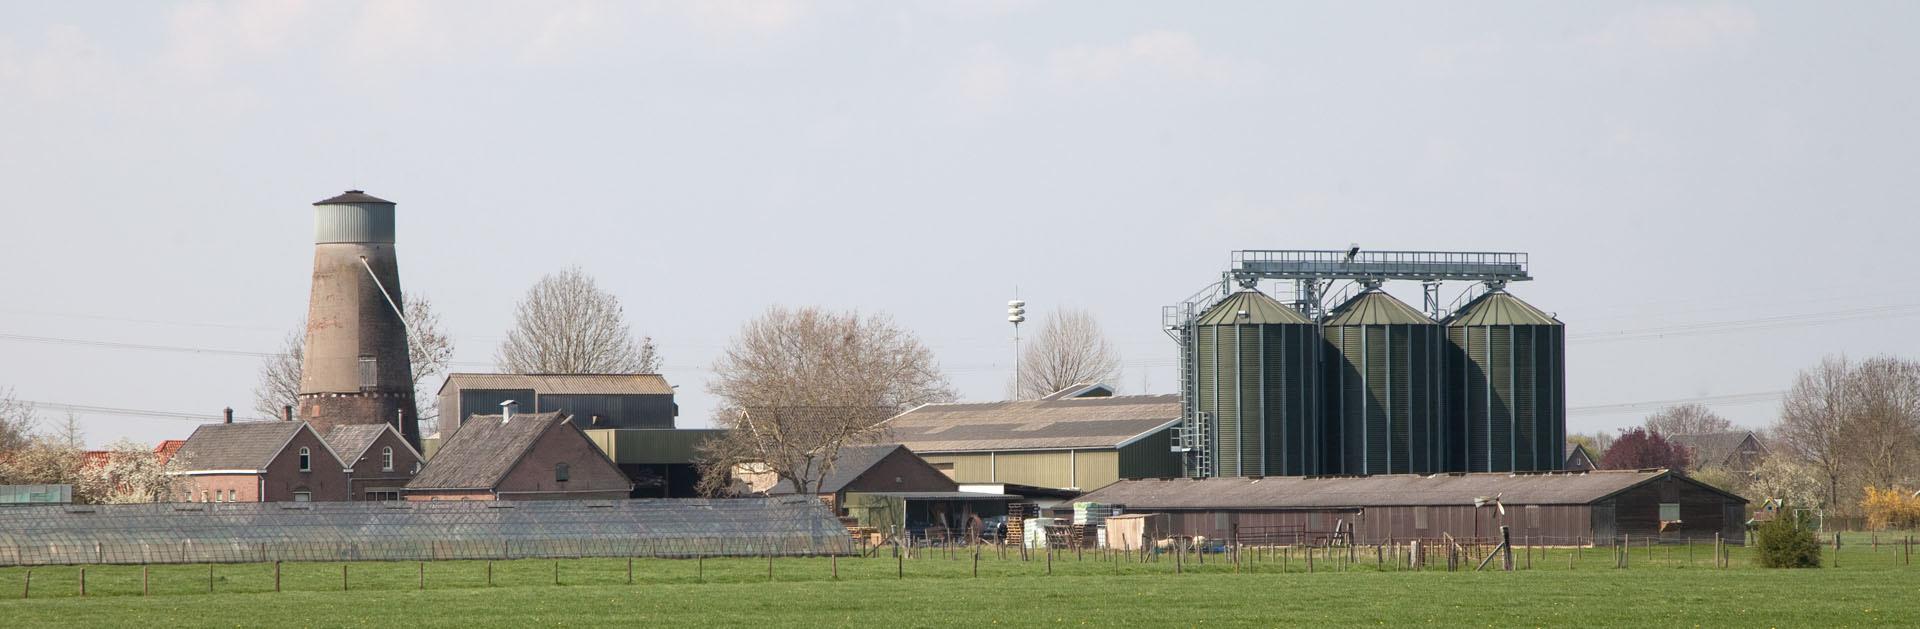 De Welvaart - Groessen Regio Achterhoek - Liemers